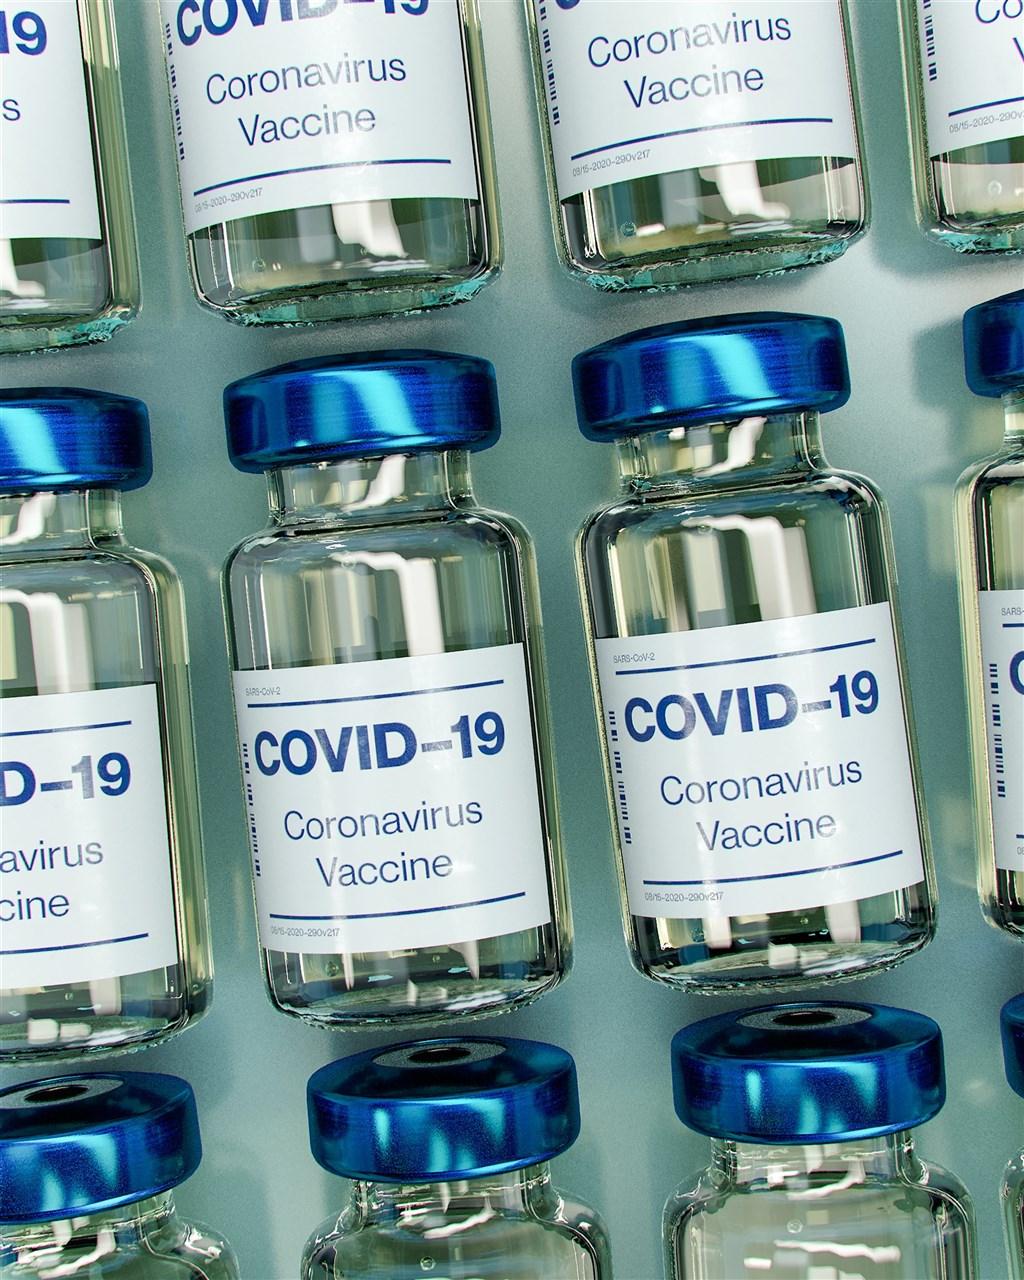 实验性的2019冠状病毒疾病(COVID-19)疫苗